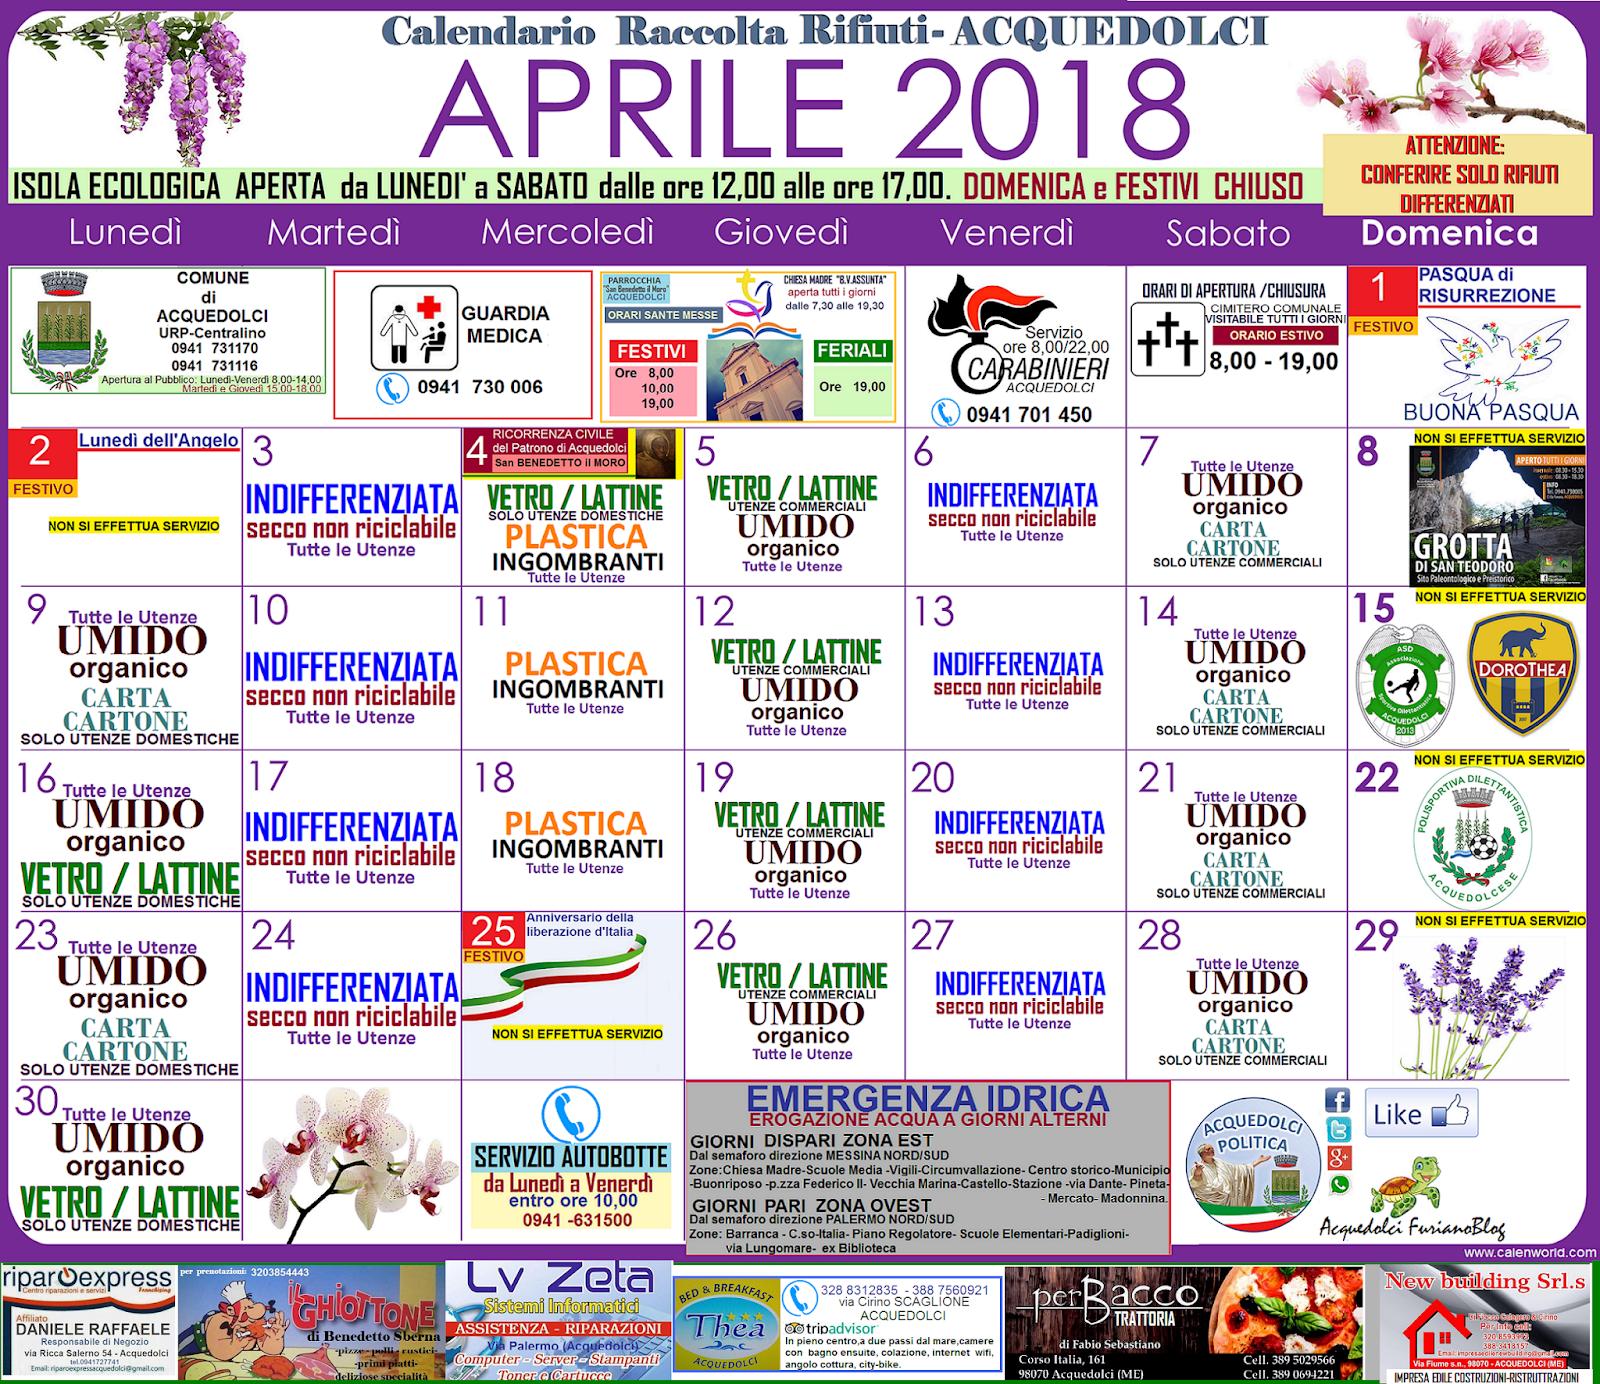 Calendario Raccolta Differenziata Sanremo.Rifiuti Il Calendario Di Aprile 2018 E La Guida Per I